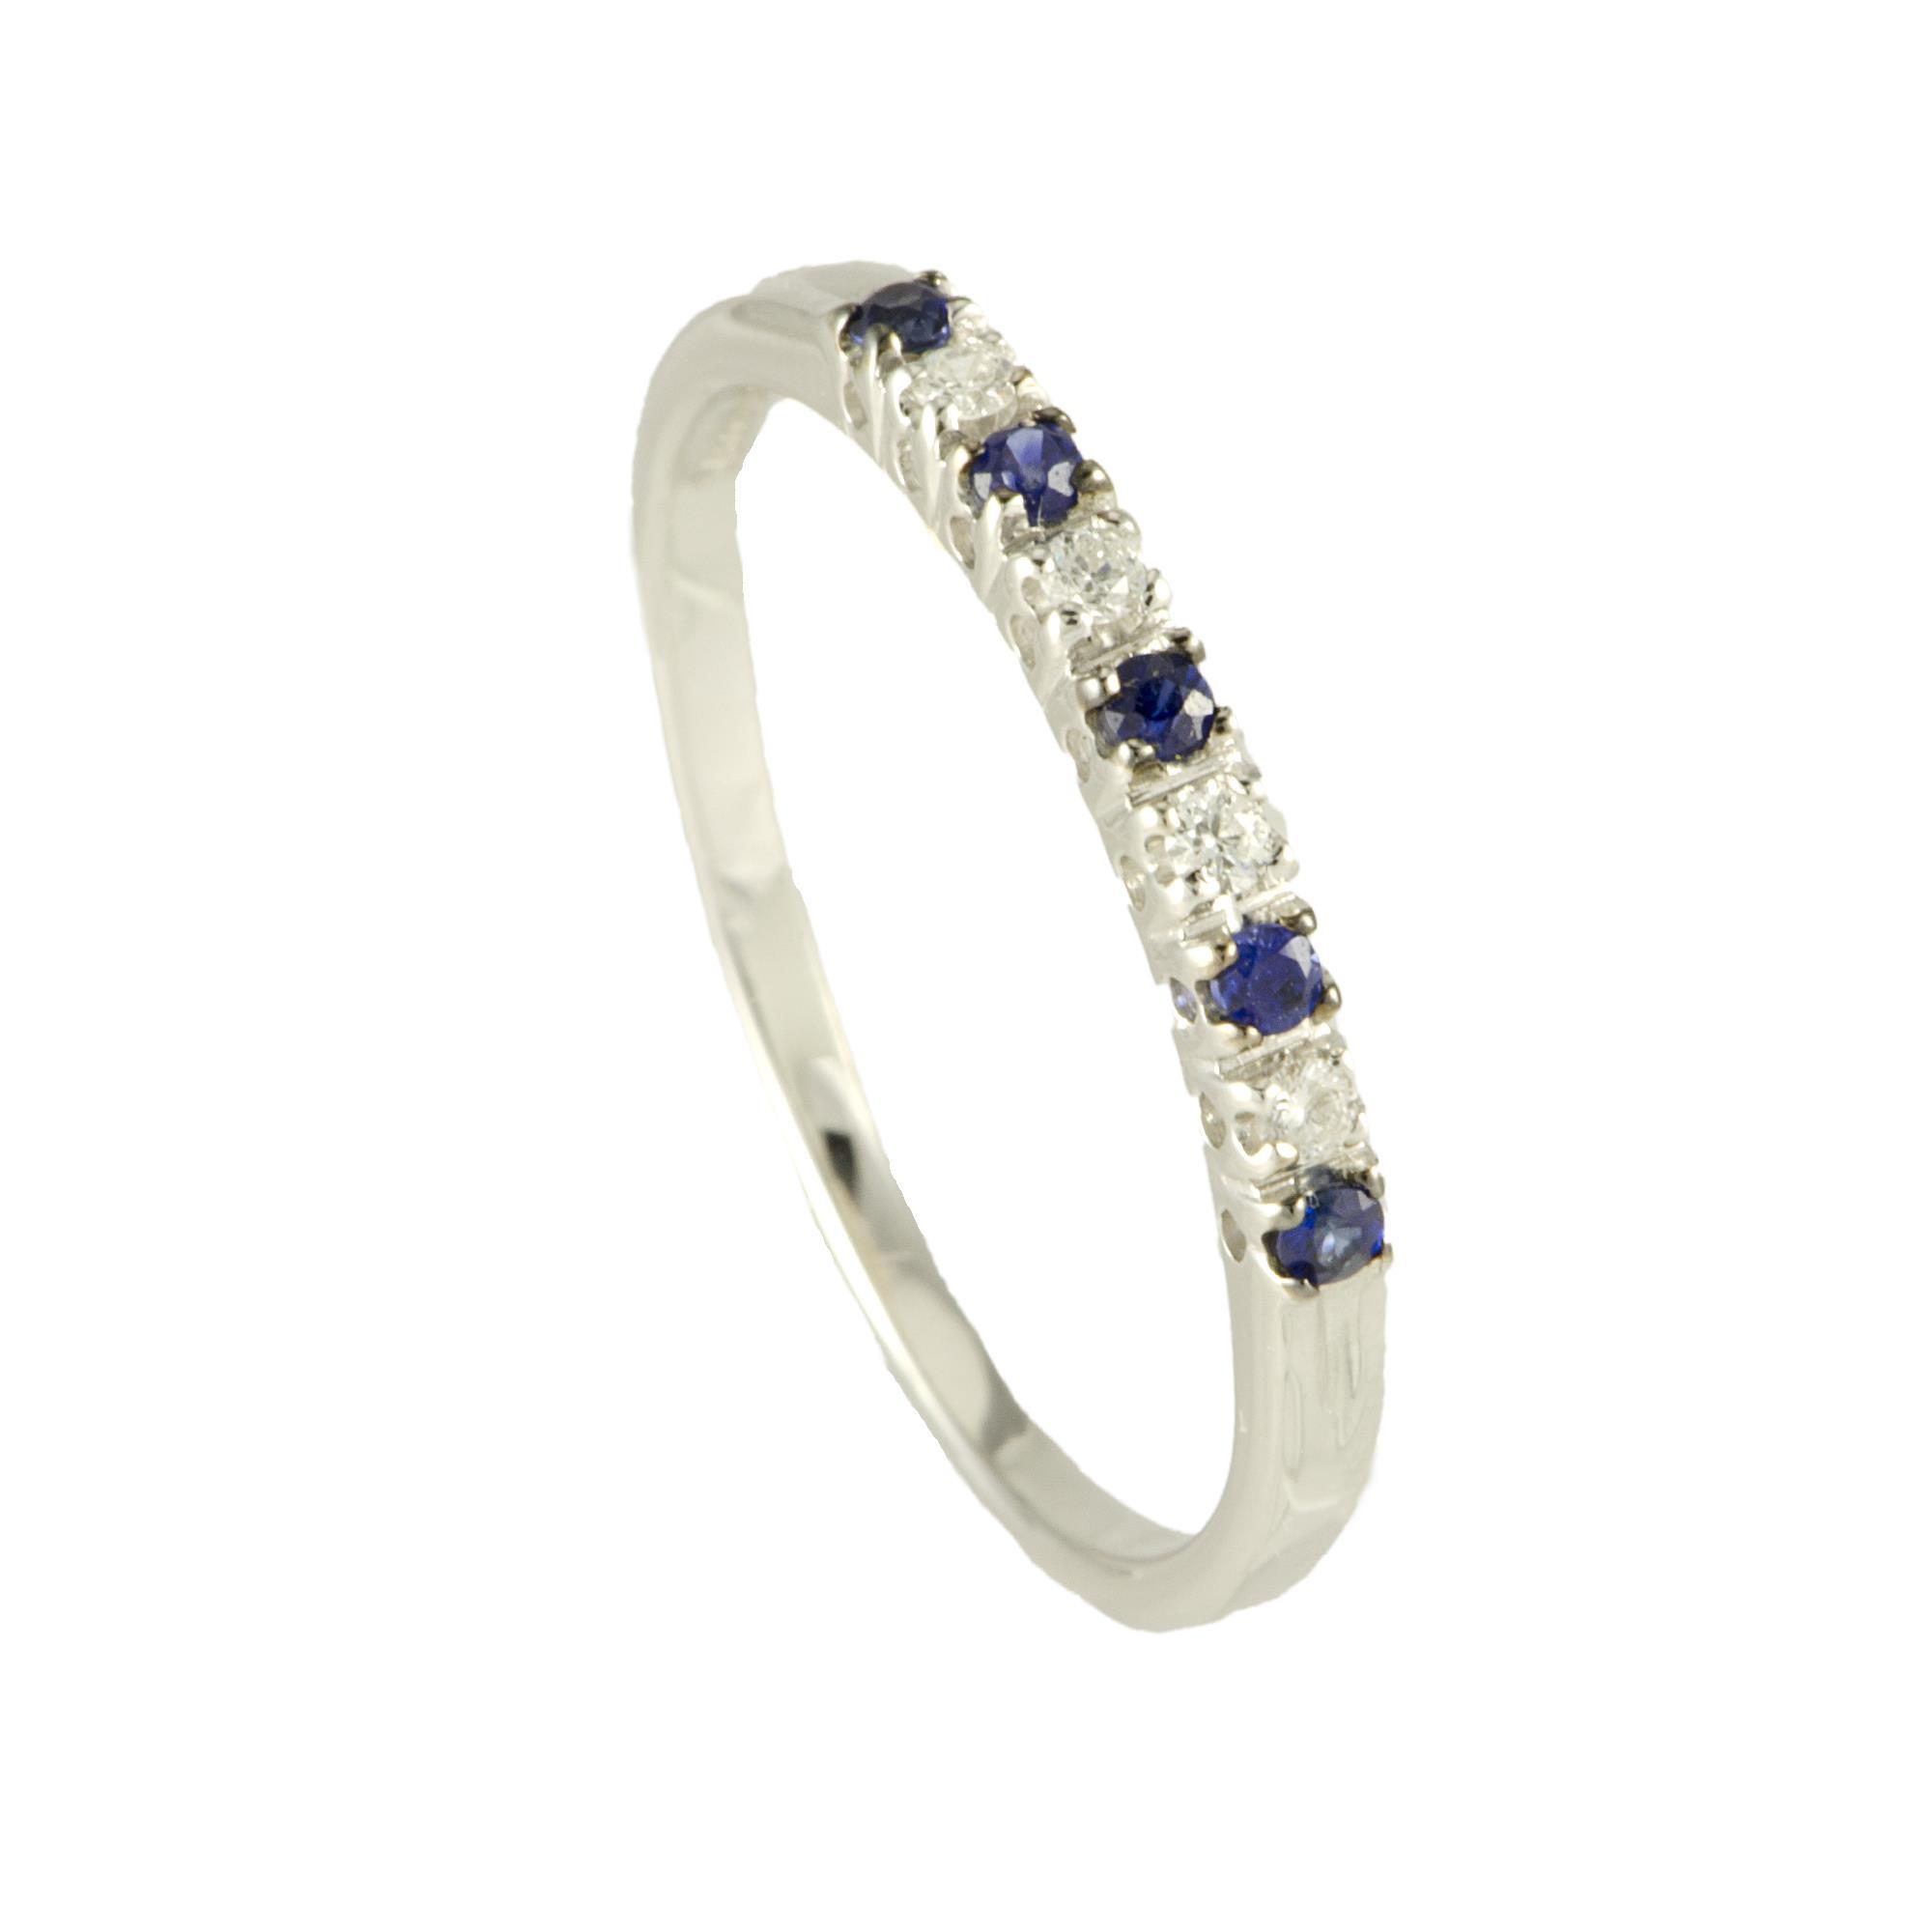 Anello veretta in oro bianco con diamanti e zaffiri mis 12 - ALFIERI ST JOHN